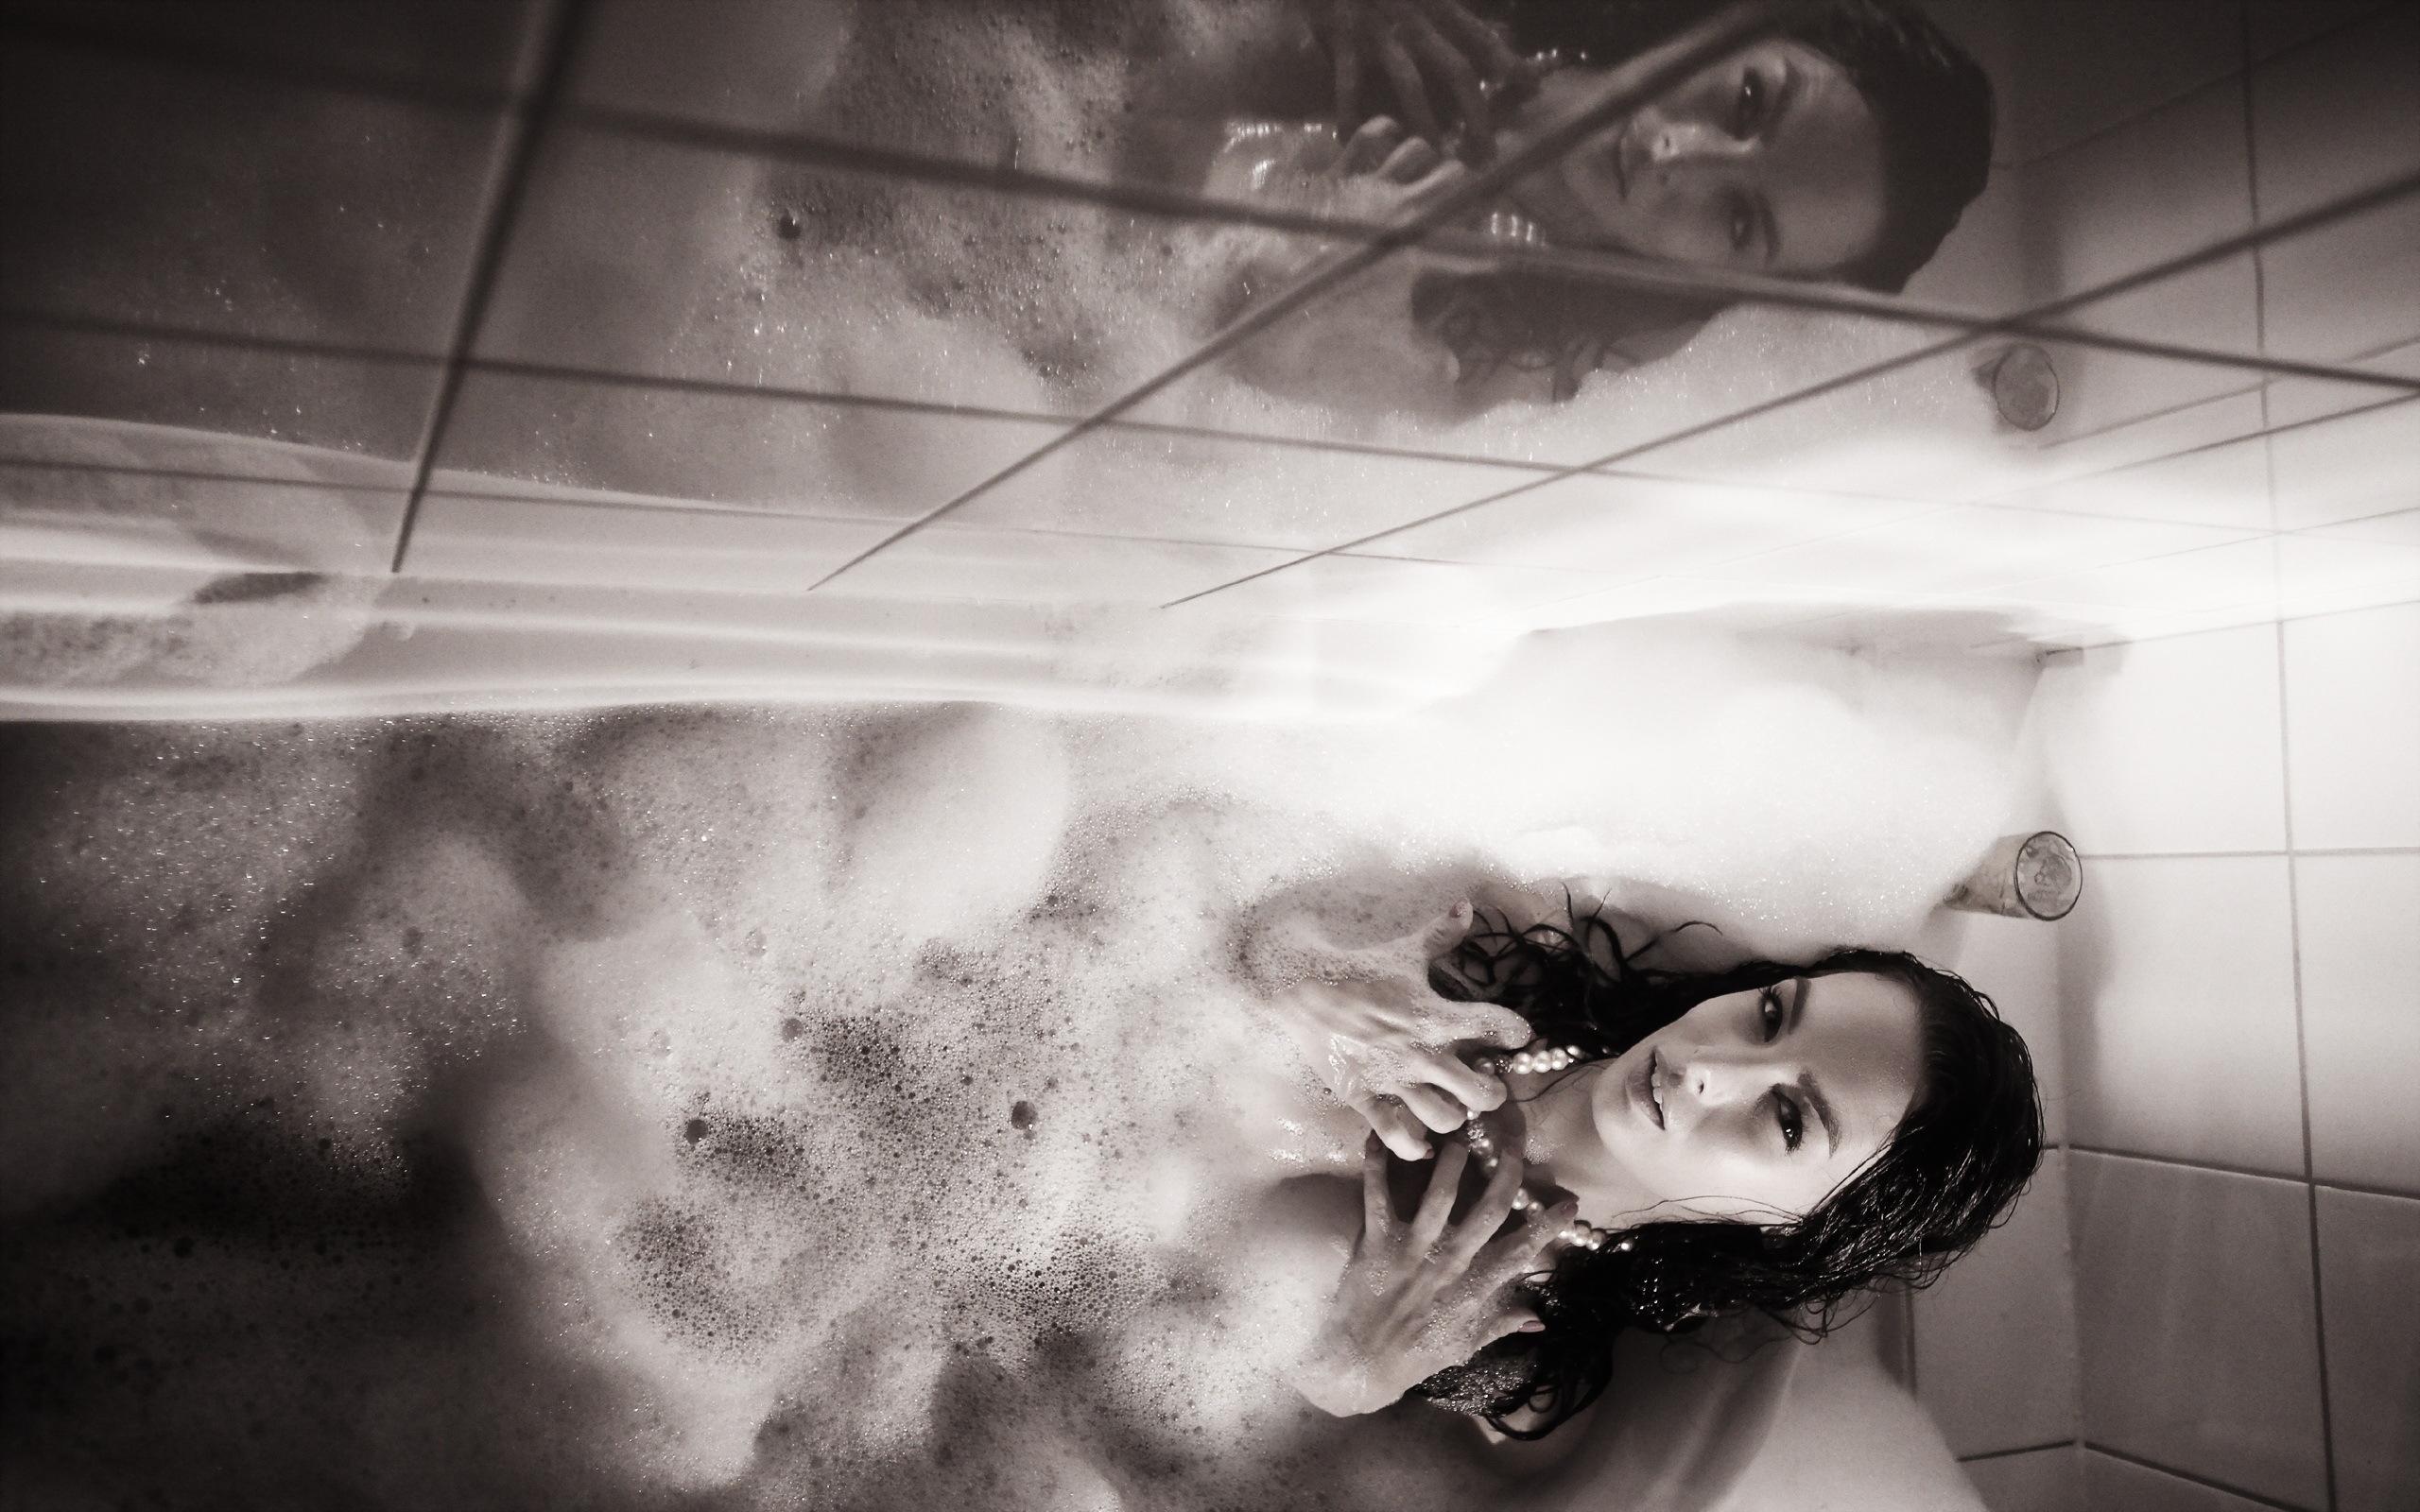 пройти фото девушки в ванной тебе всегда